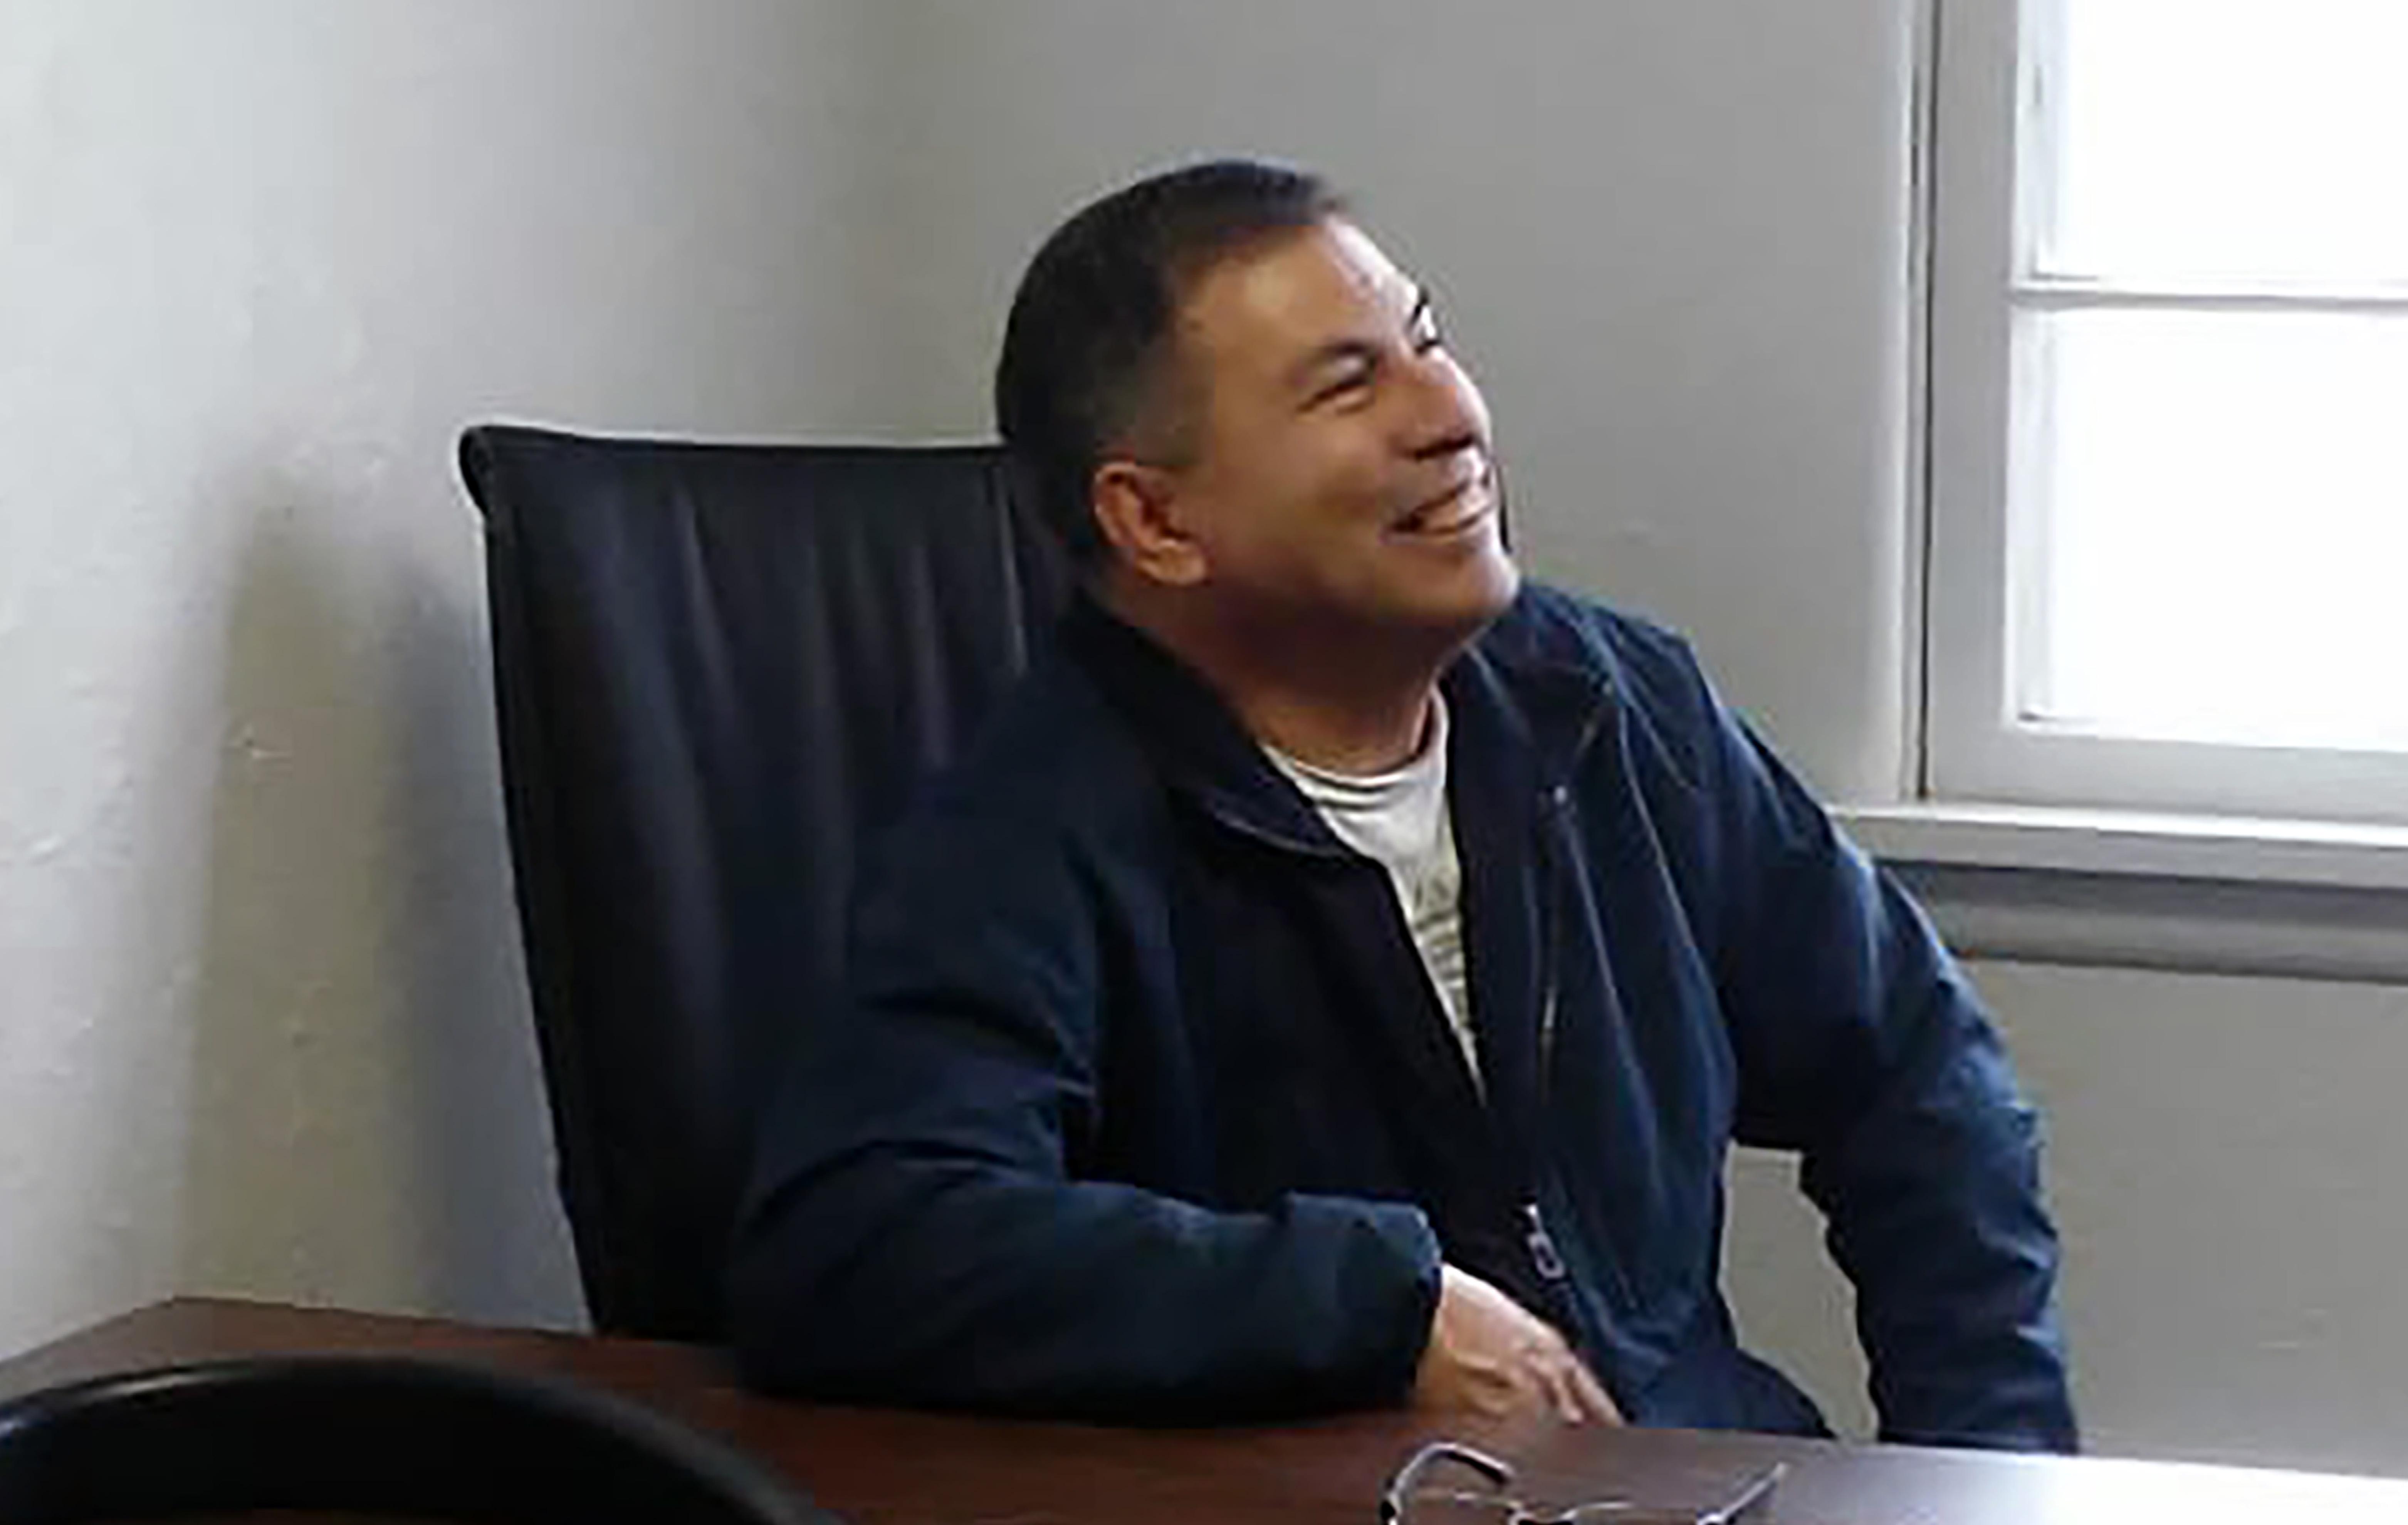 El Pastor Rafael Luna es el primer clérigo hispano de La Iglesia Metodista Unida que fallece a consecuencia del COVID-19. Foto cortesía de la familia Luna.